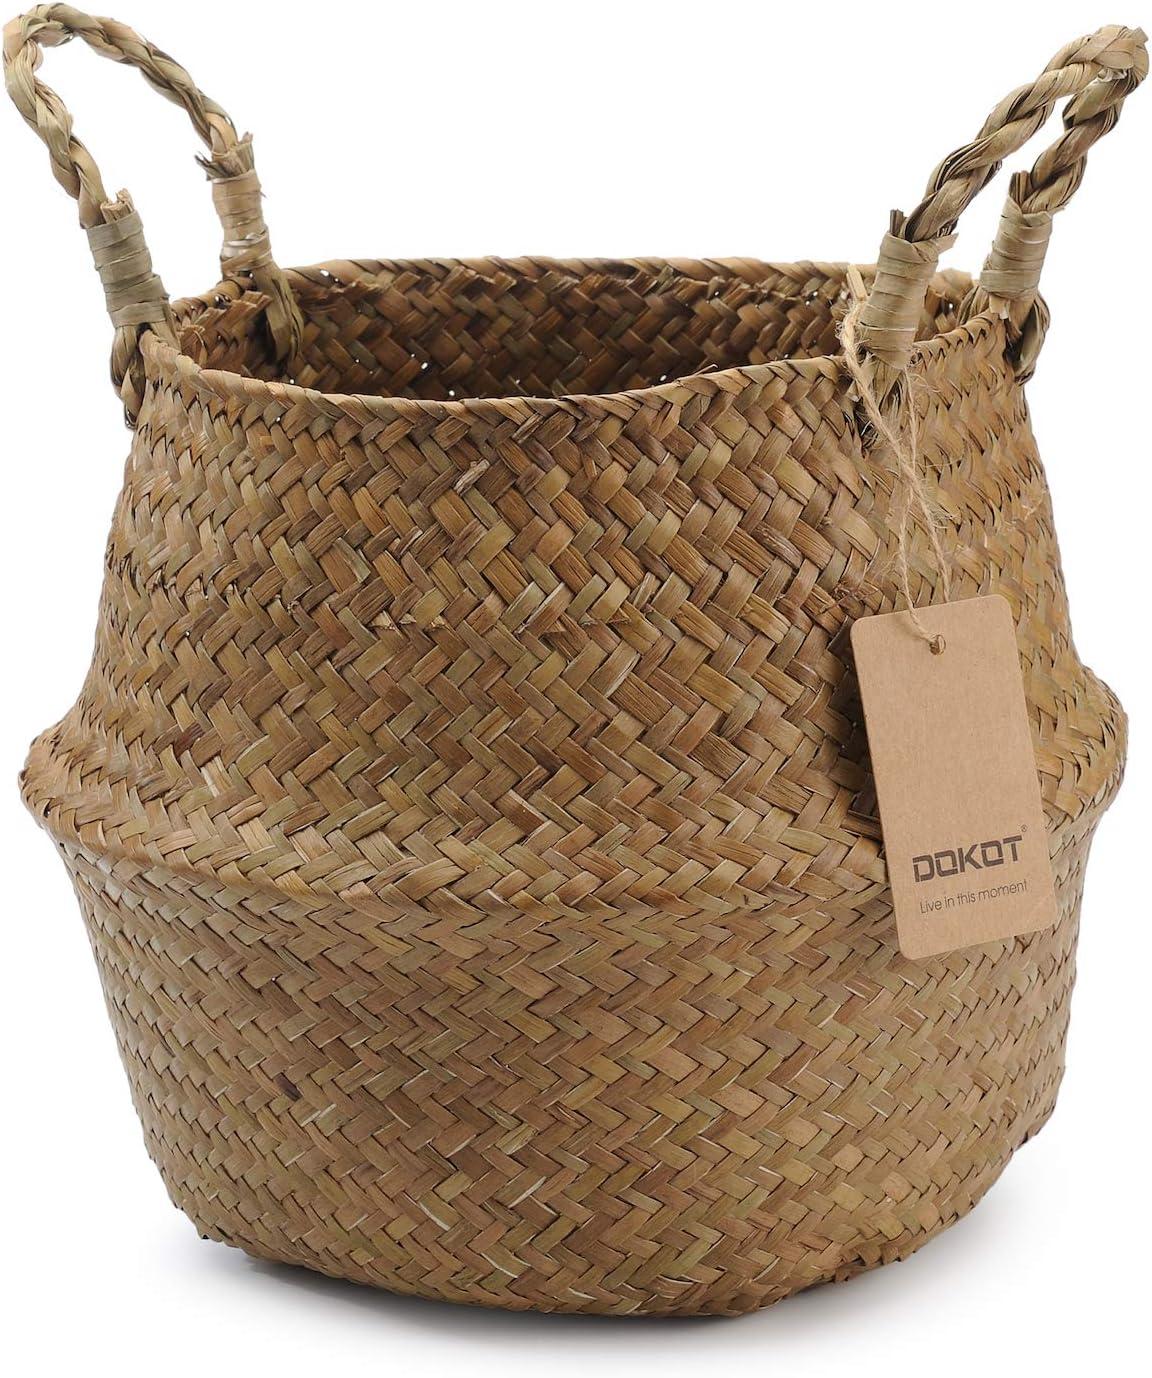 Cestos para la Colada con Asa Ropa Fruta o Plantas 22 x 20 cm Natural Seagrass Mimbre Cesta de Cesteria Decoracion para el Hogar Almacenar Juguetes Cesta Plegable para el Vientre Maceta